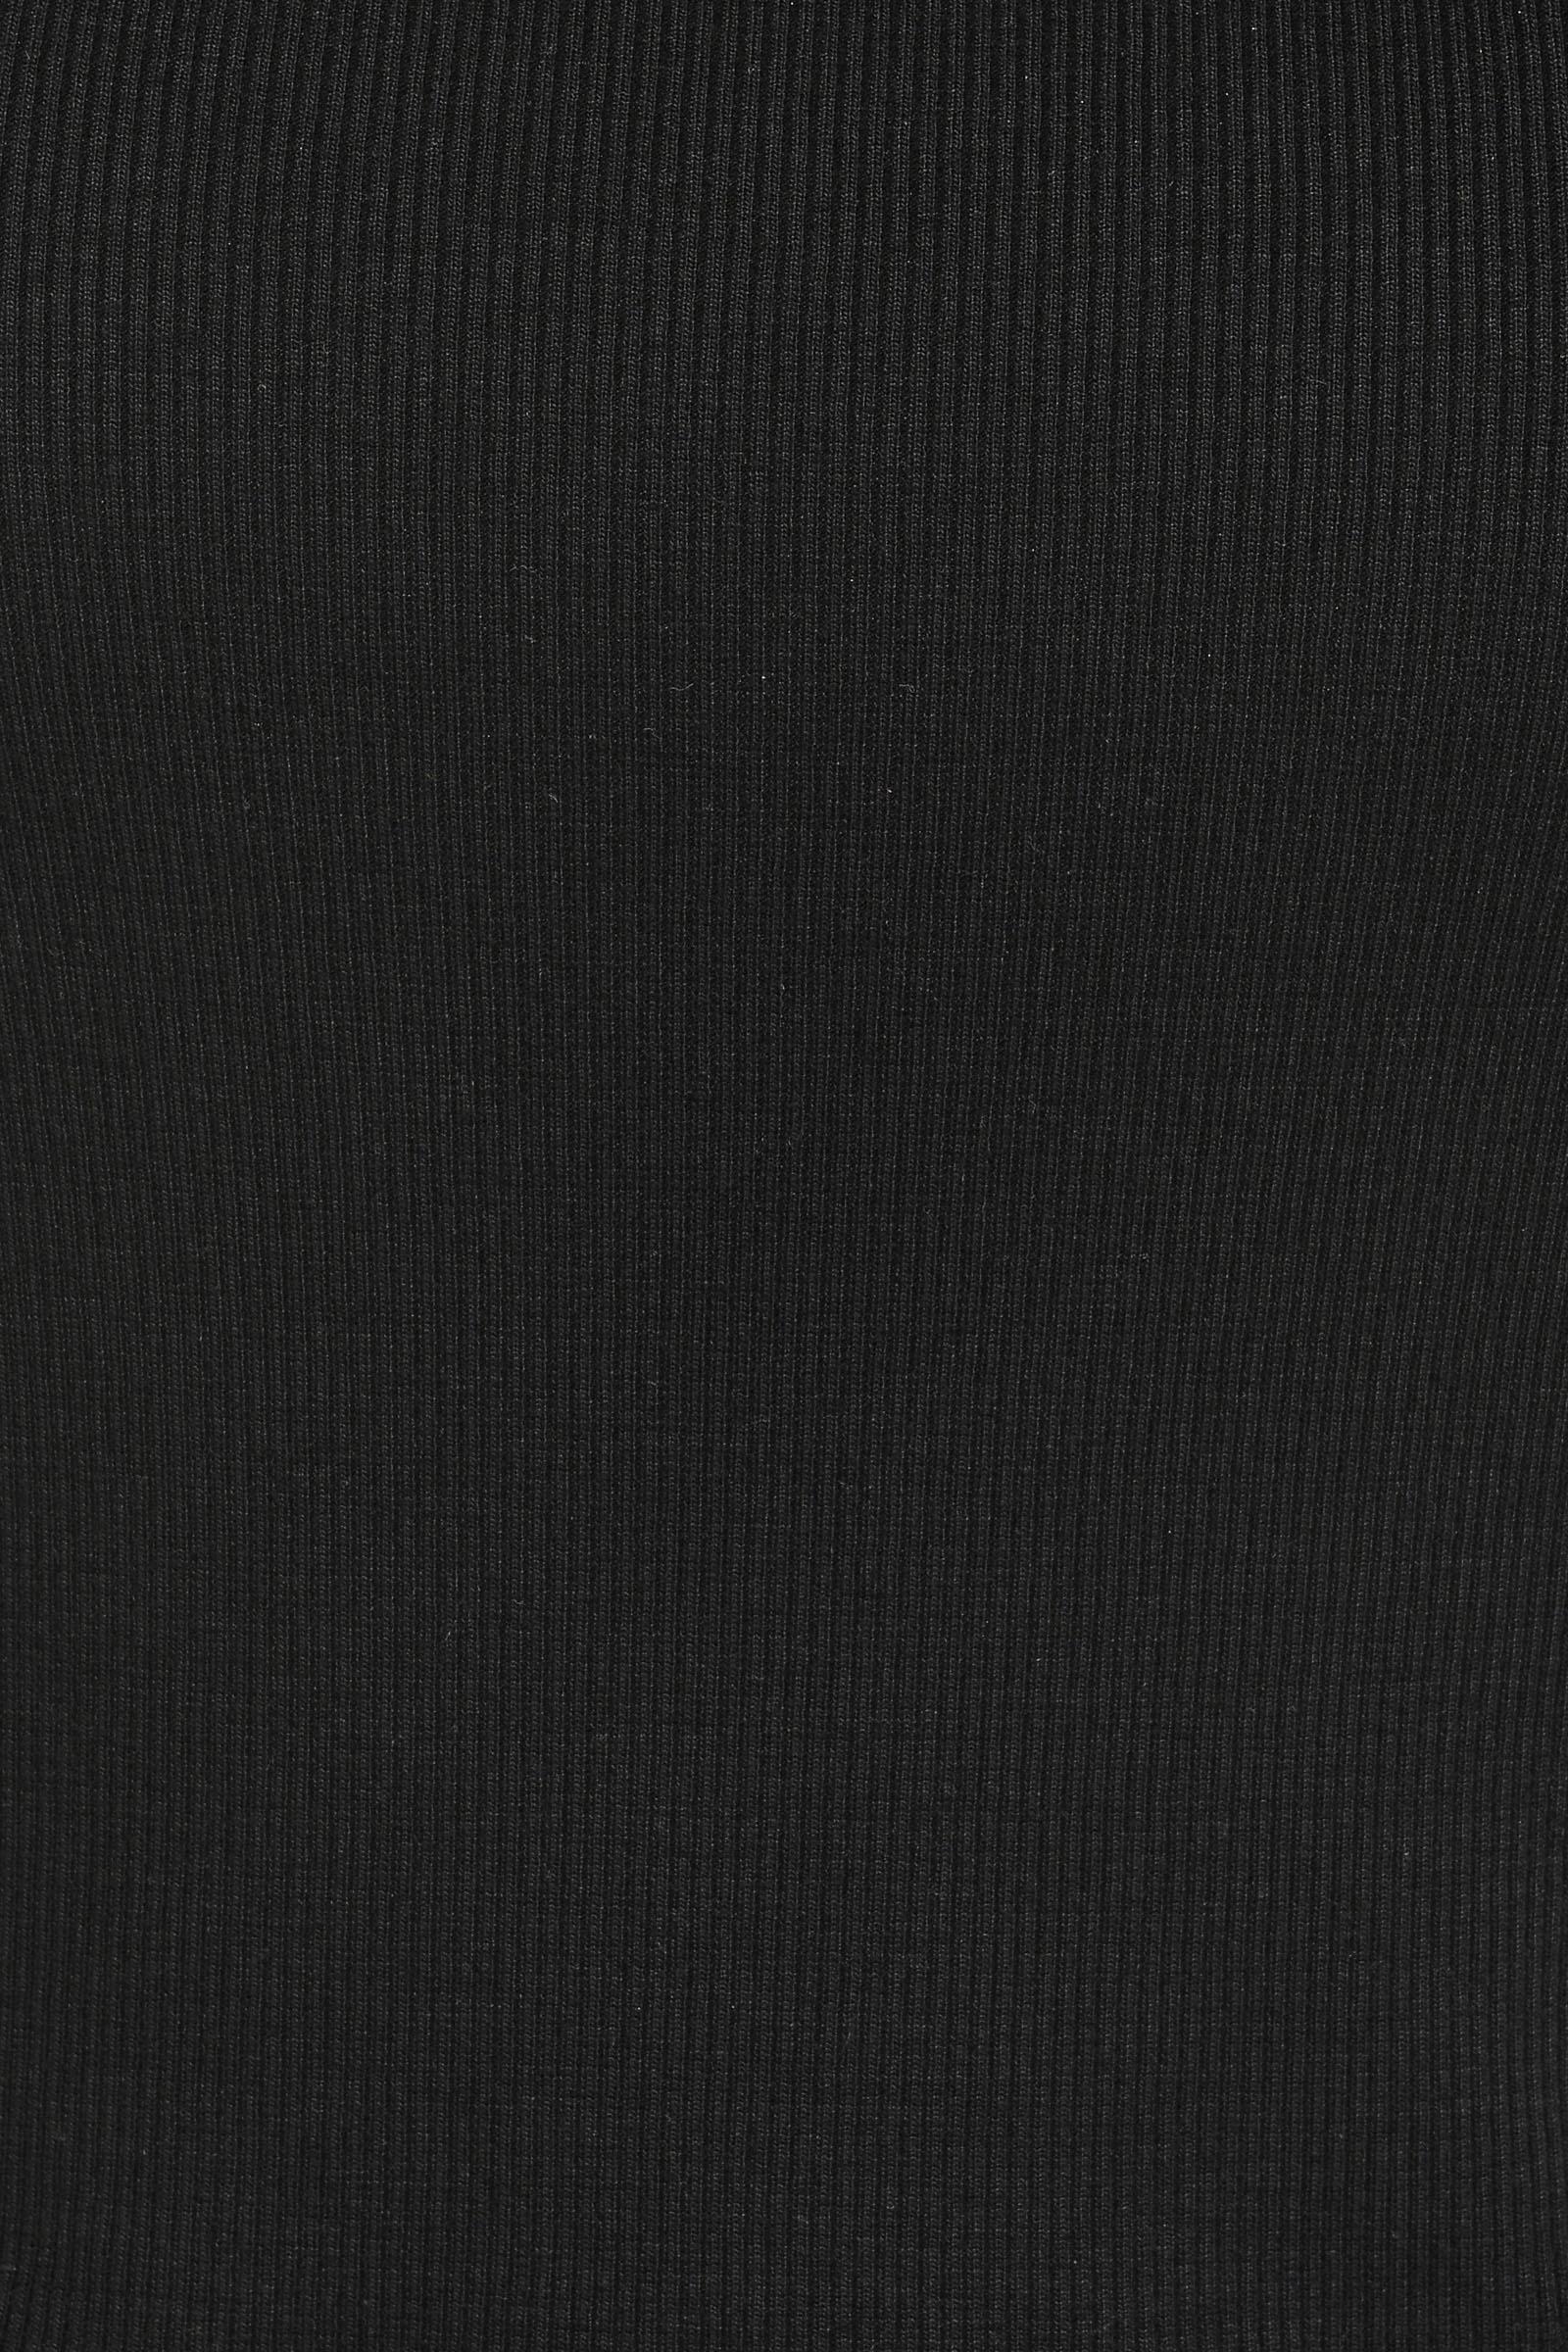 KOAJ-CAMISETA KOAJ TIFON 4/19